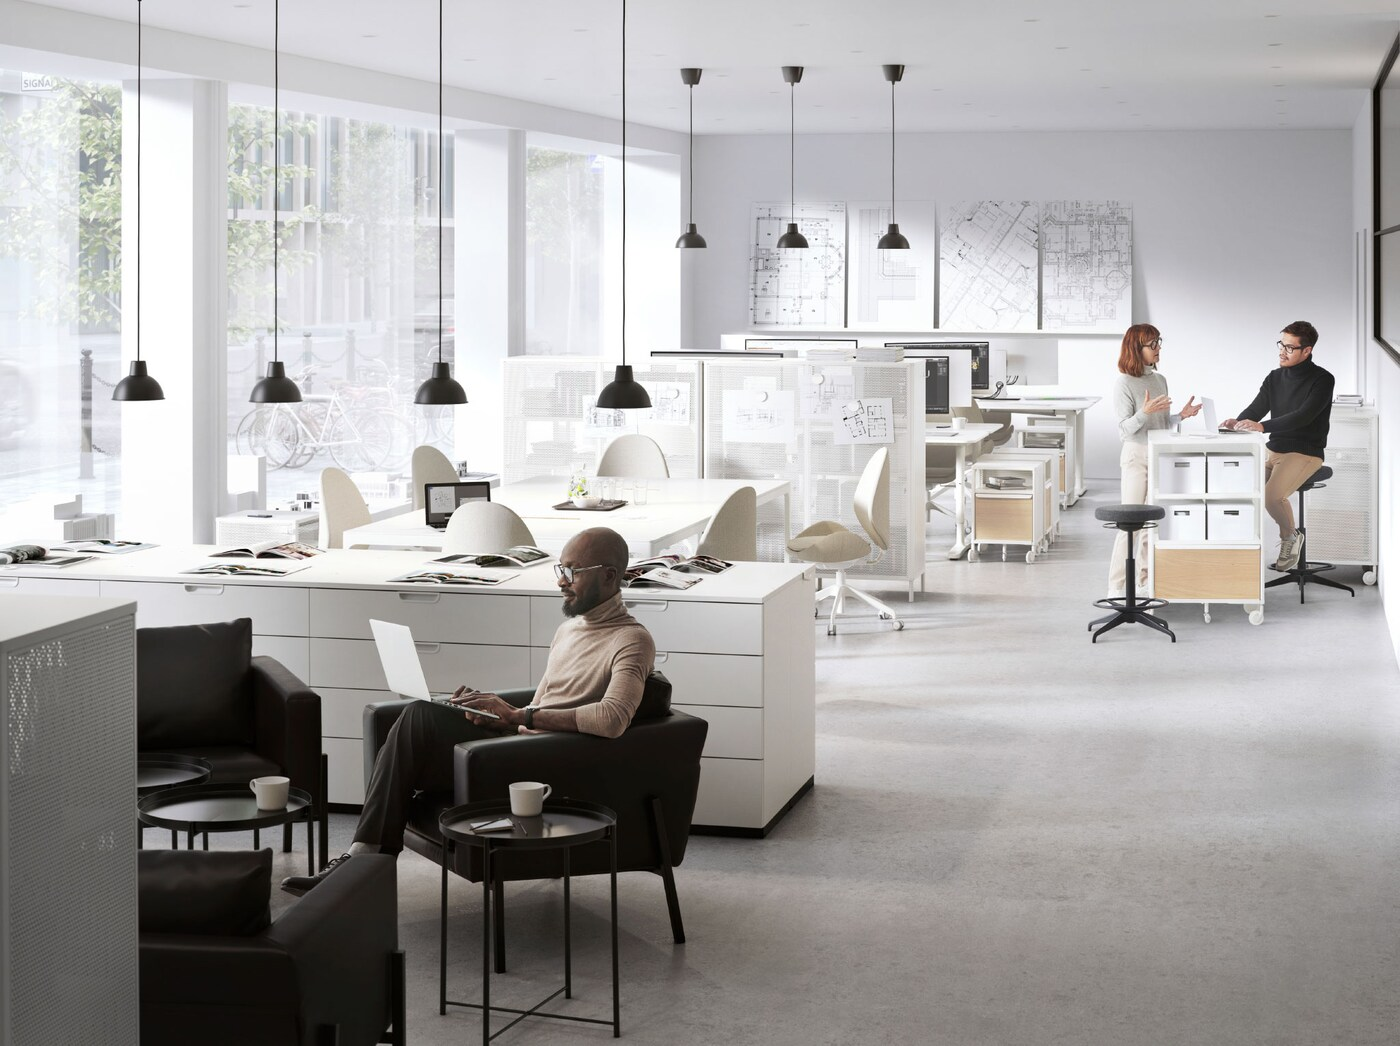 Um escritório em open space com duas áreas informais. Um homem a trabalhar numa poltrona KOARP e duas pessoas a conversar junto a uma estante BEKANT.